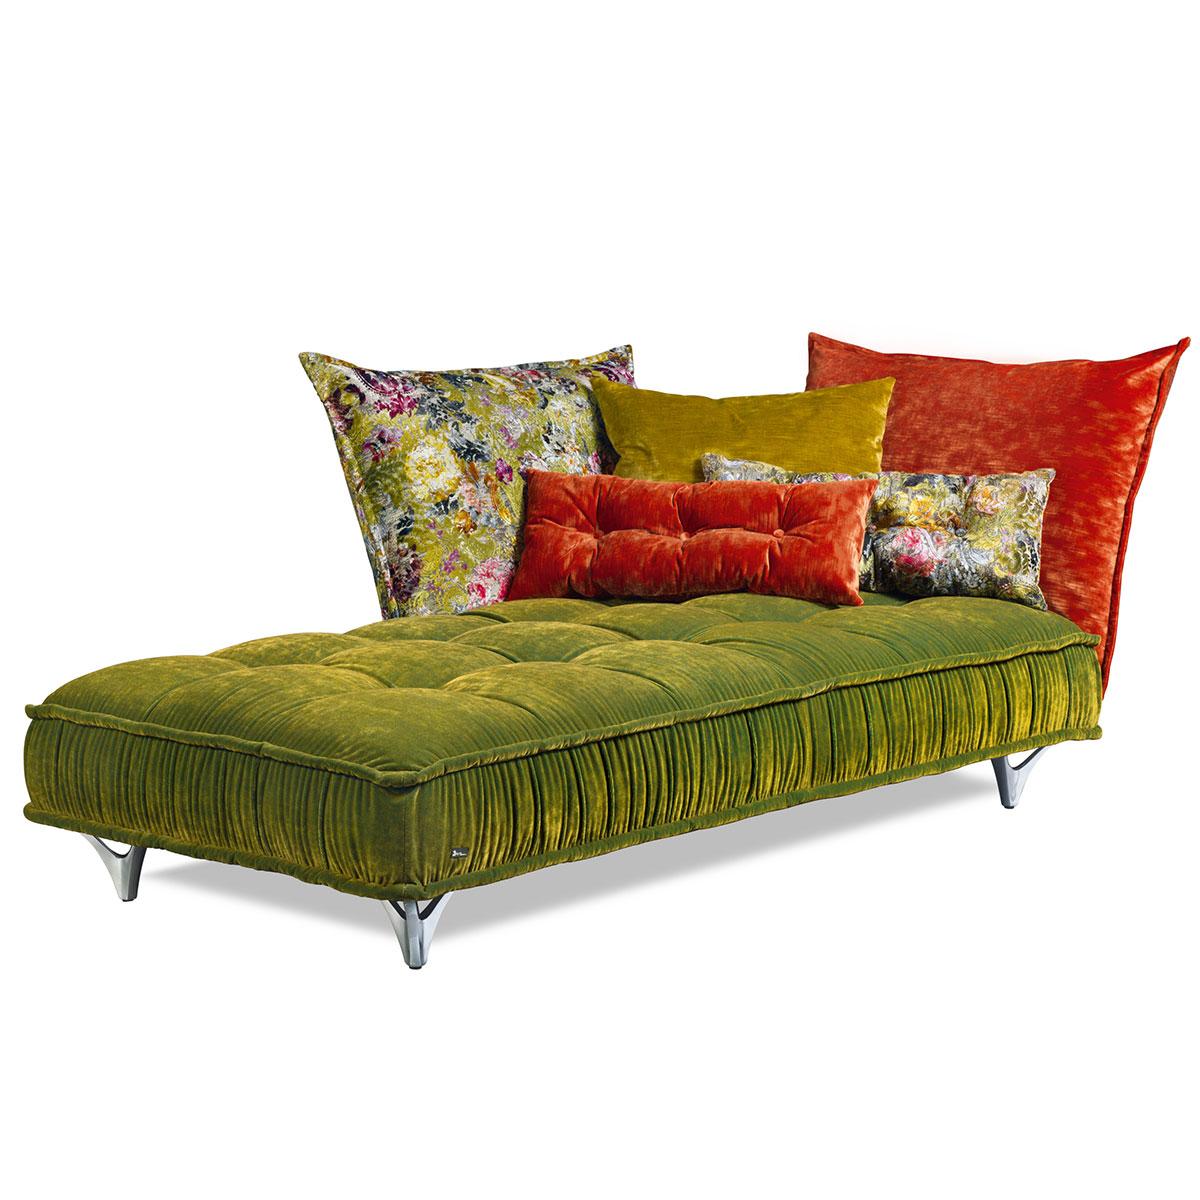 ohlinda by bretz top angebot an bretz ohlinda sofas ab 5. Black Bedroom Furniture Sets. Home Design Ideas